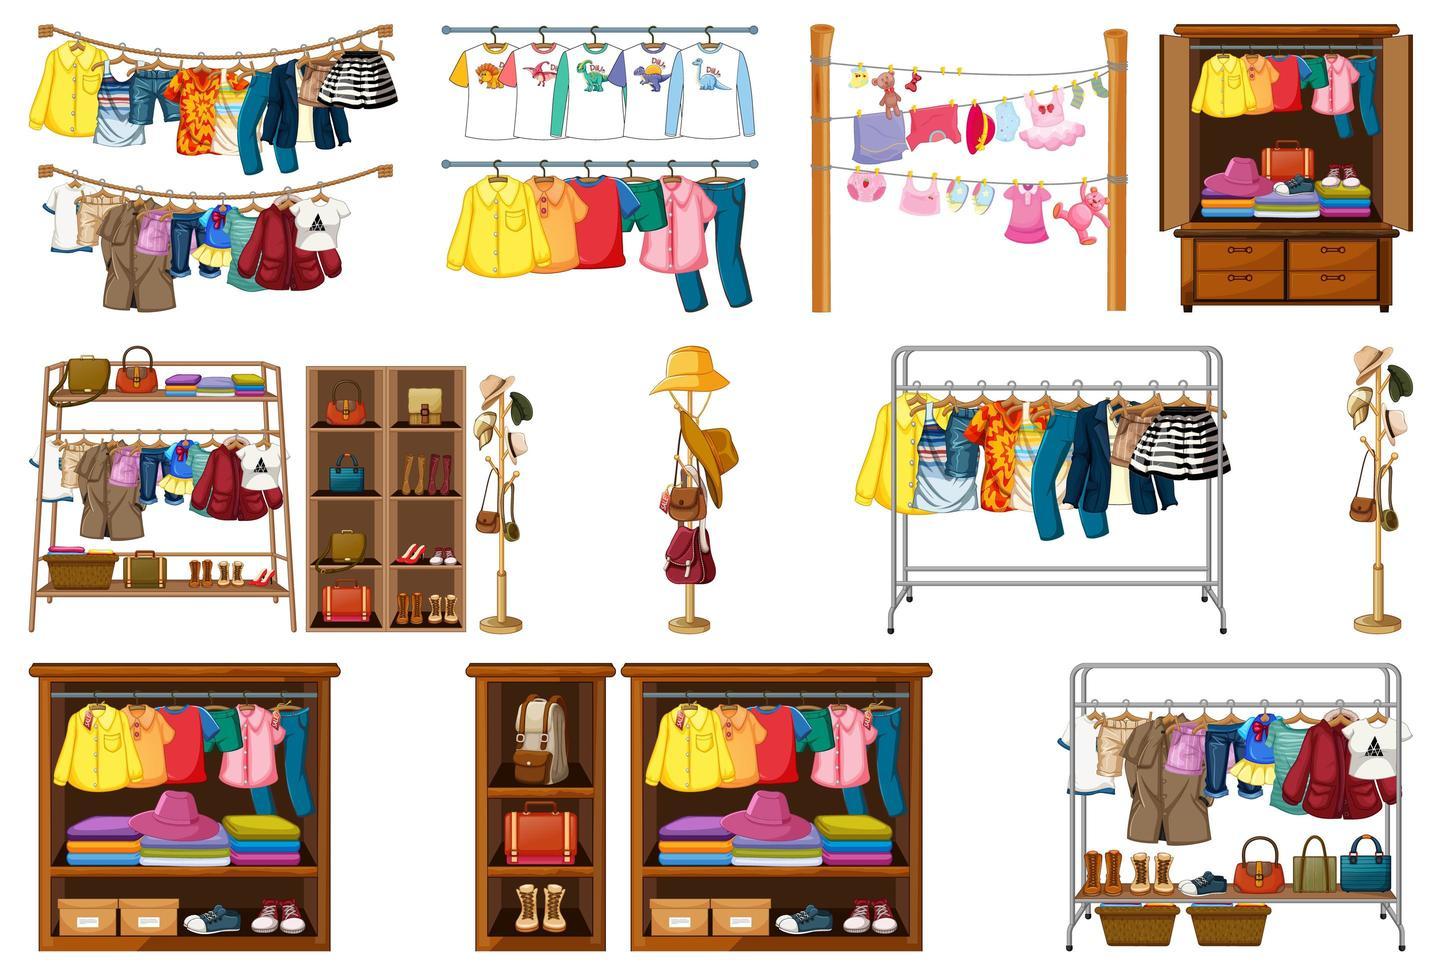 ensemble de vêtements, accessoires et armoire isolé sur fond blanc vecteur